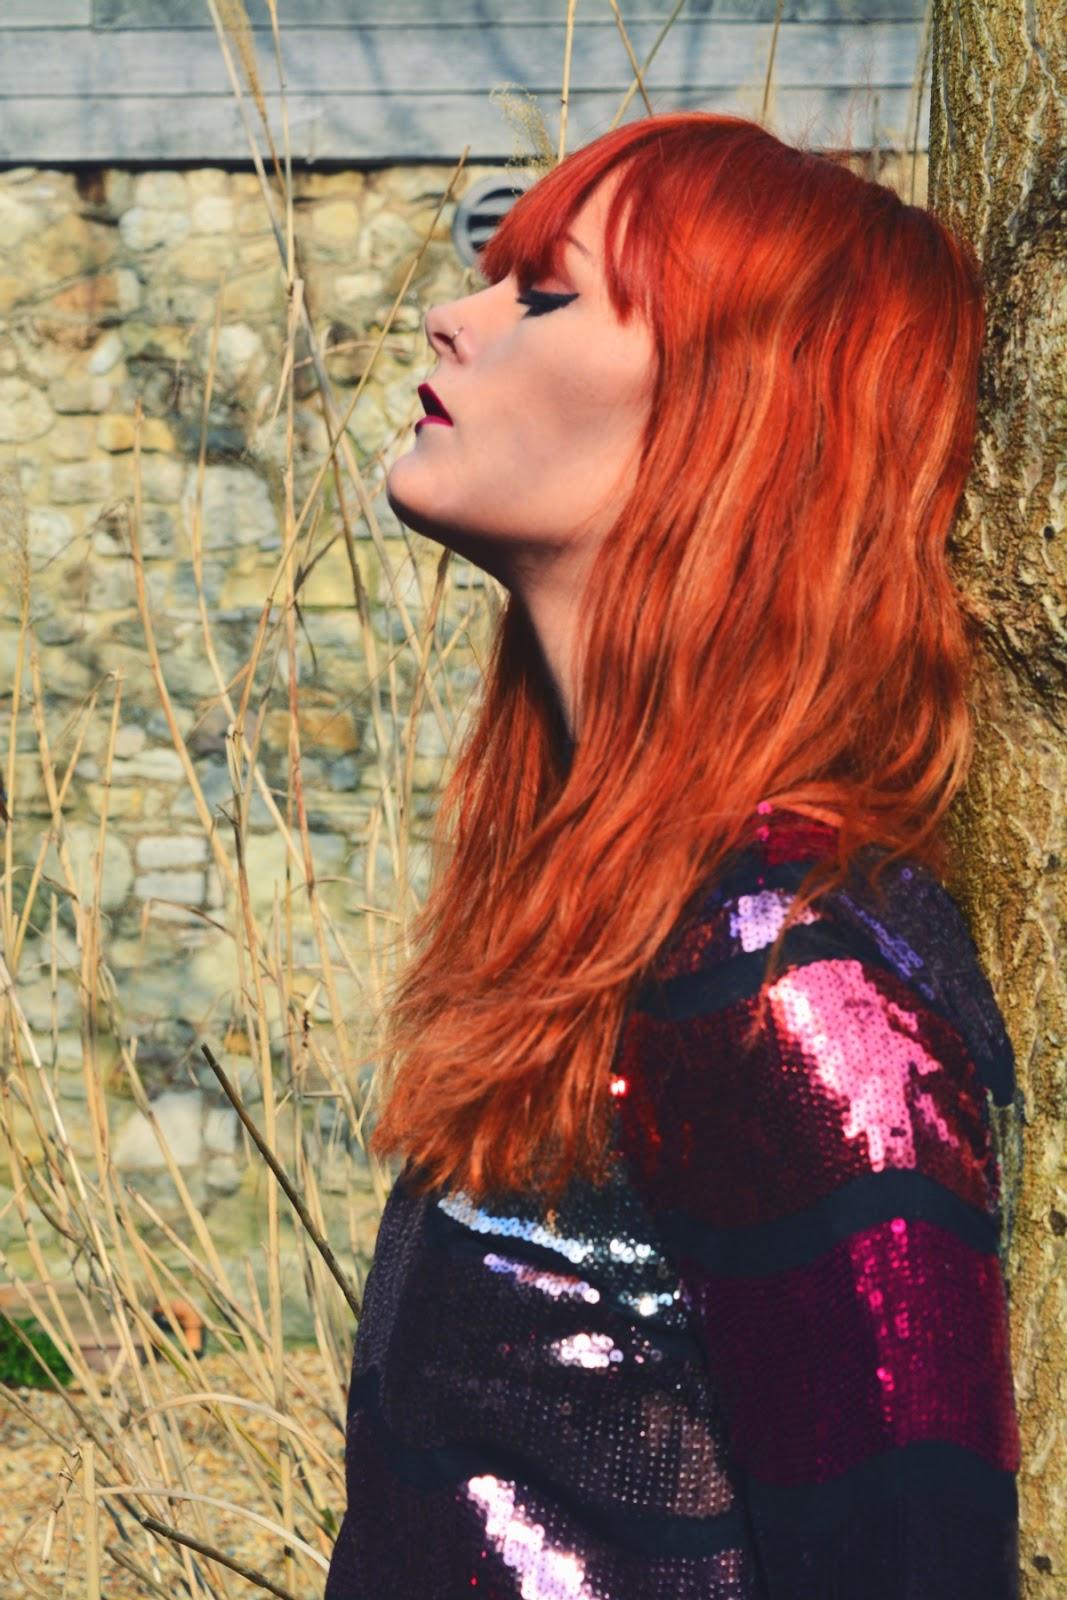 ASOS Sequin Maxi Dress Fashion Blogger Ginger Hair